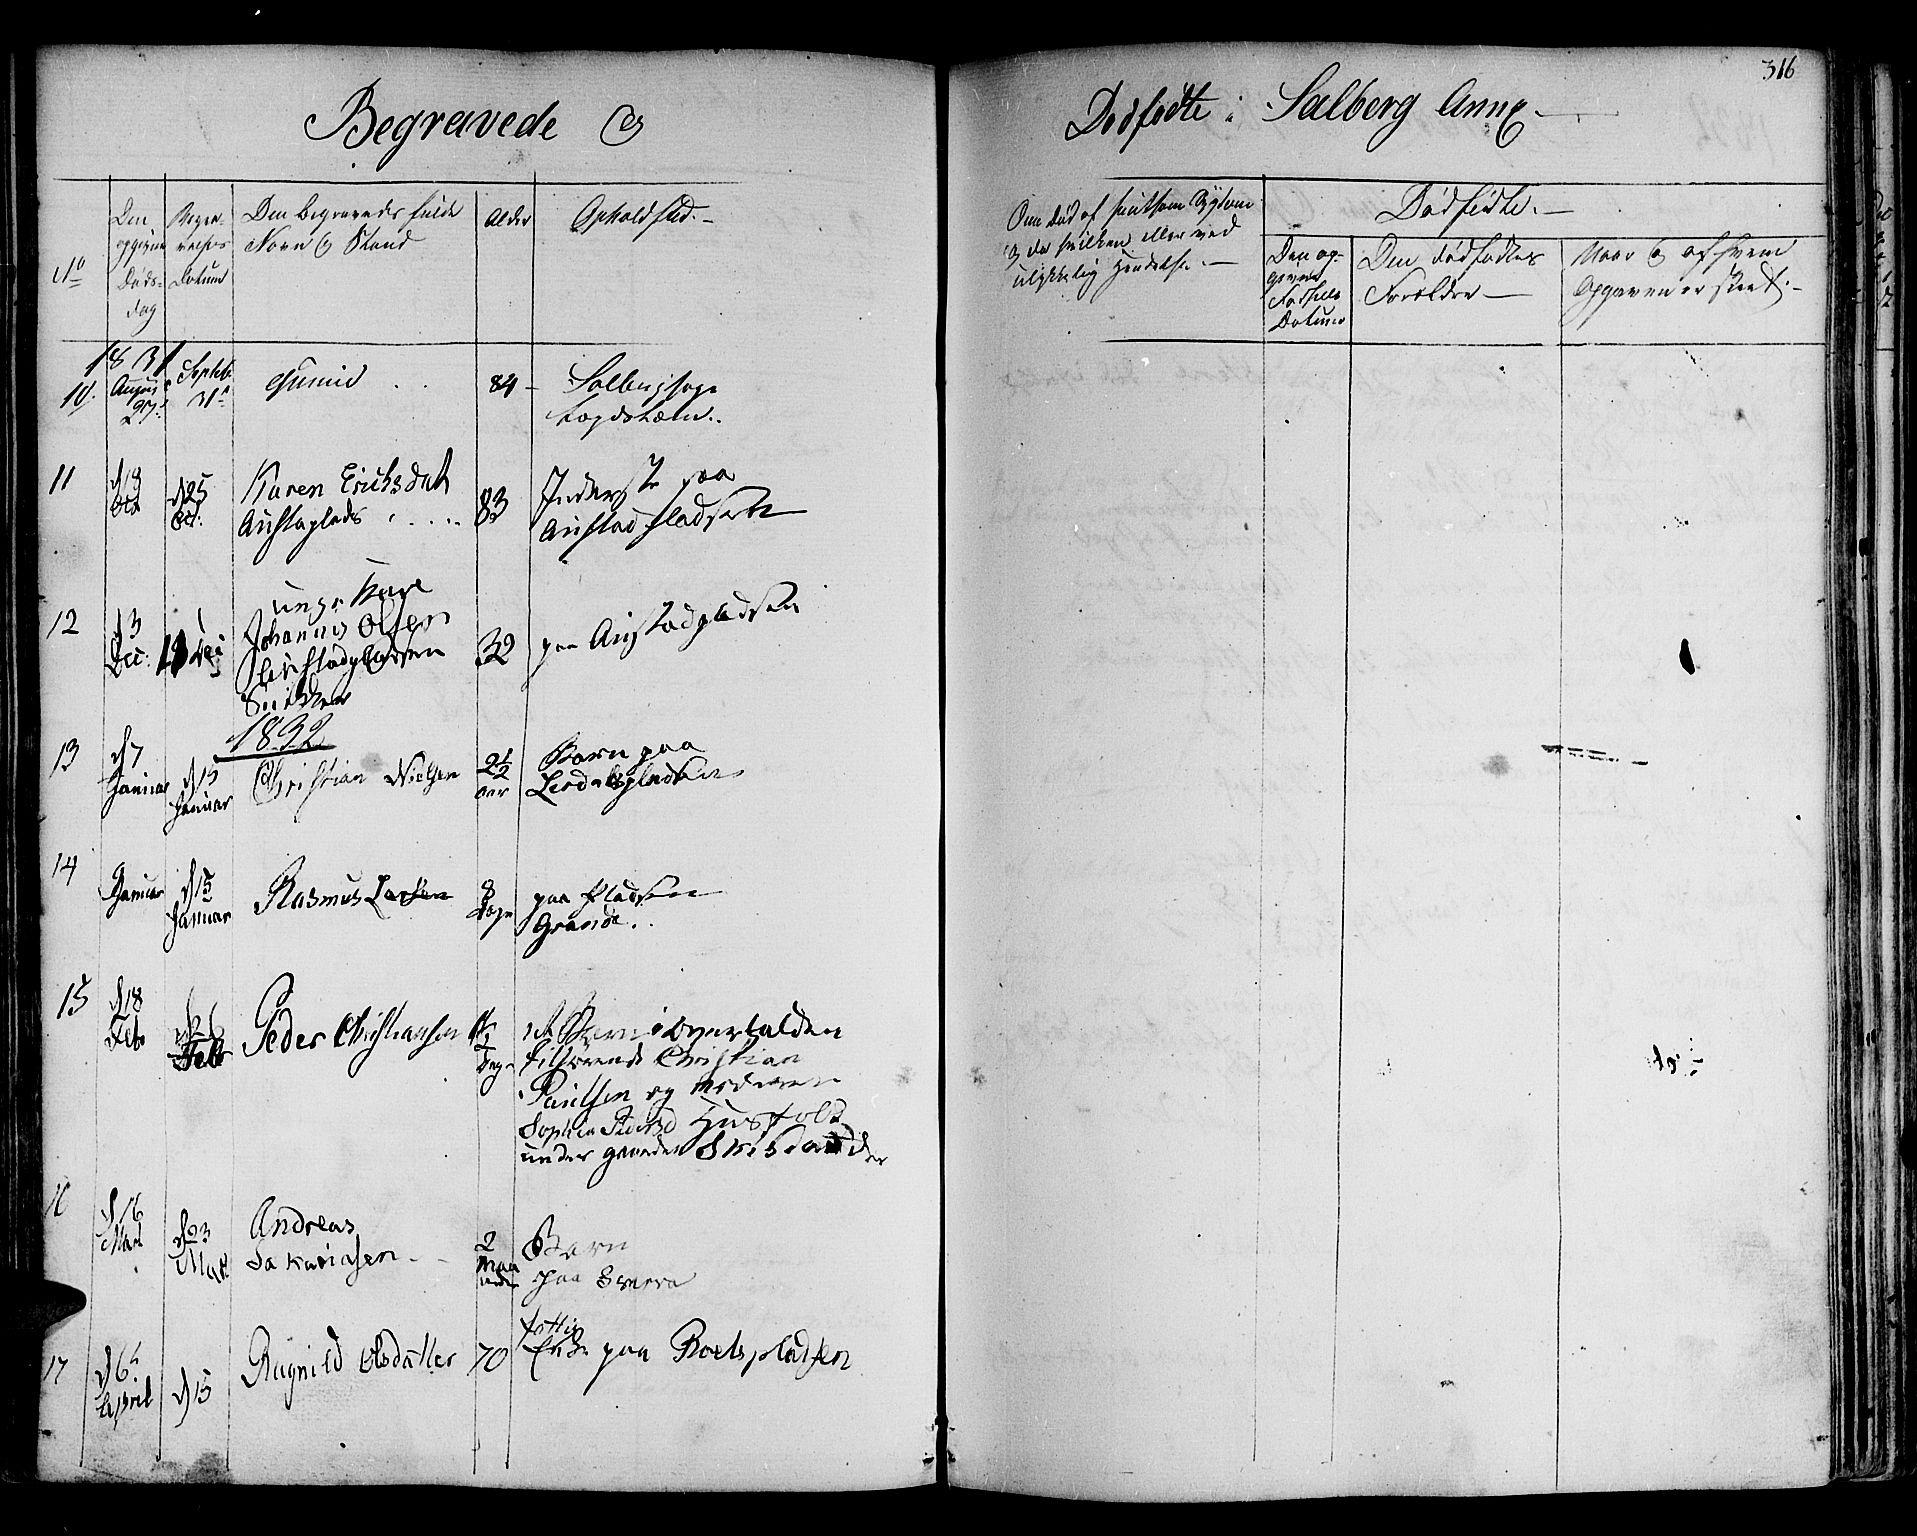 SAT, Ministerialprotokoller, klokkerbøker og fødselsregistre - Nord-Trøndelag, 730/L0277: Ministerialbok nr. 730A06 /2, 1831-1839, s. 316